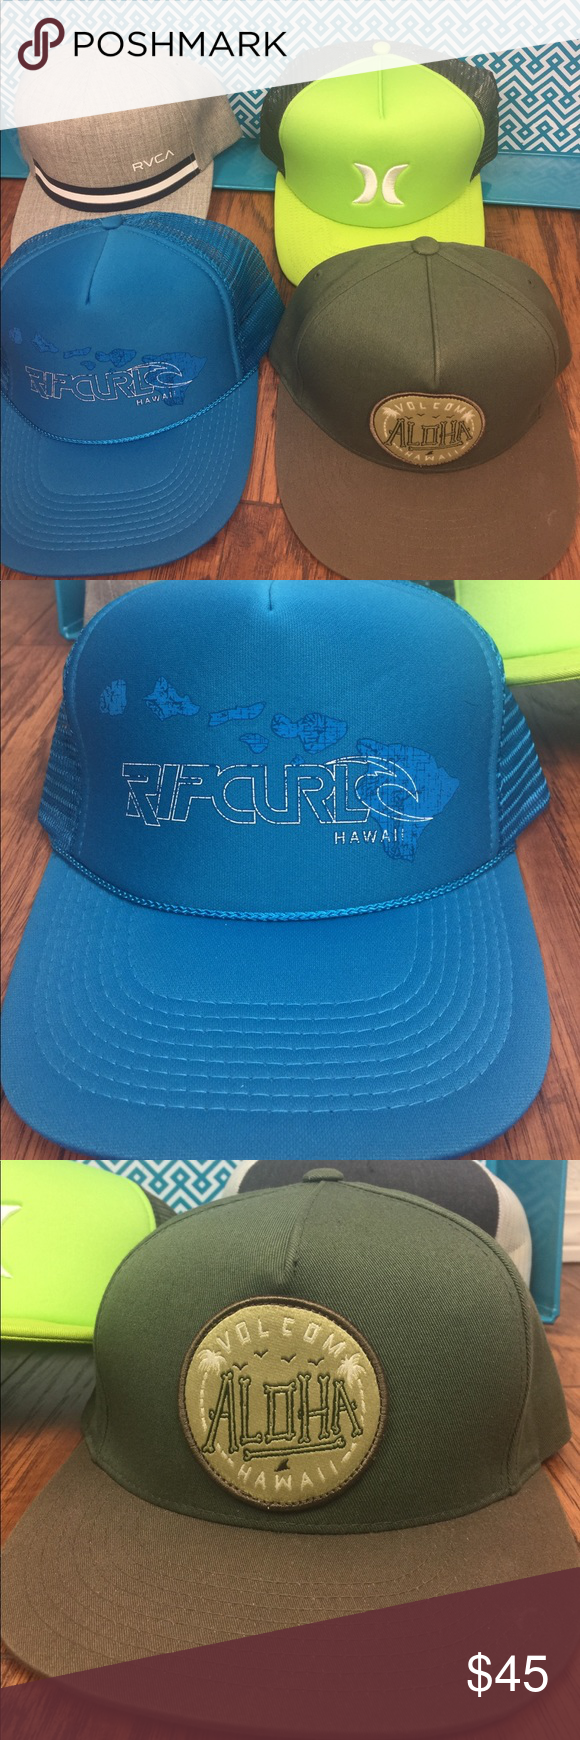 4 SnapBack Hats RVCA 5ed47d43c32c